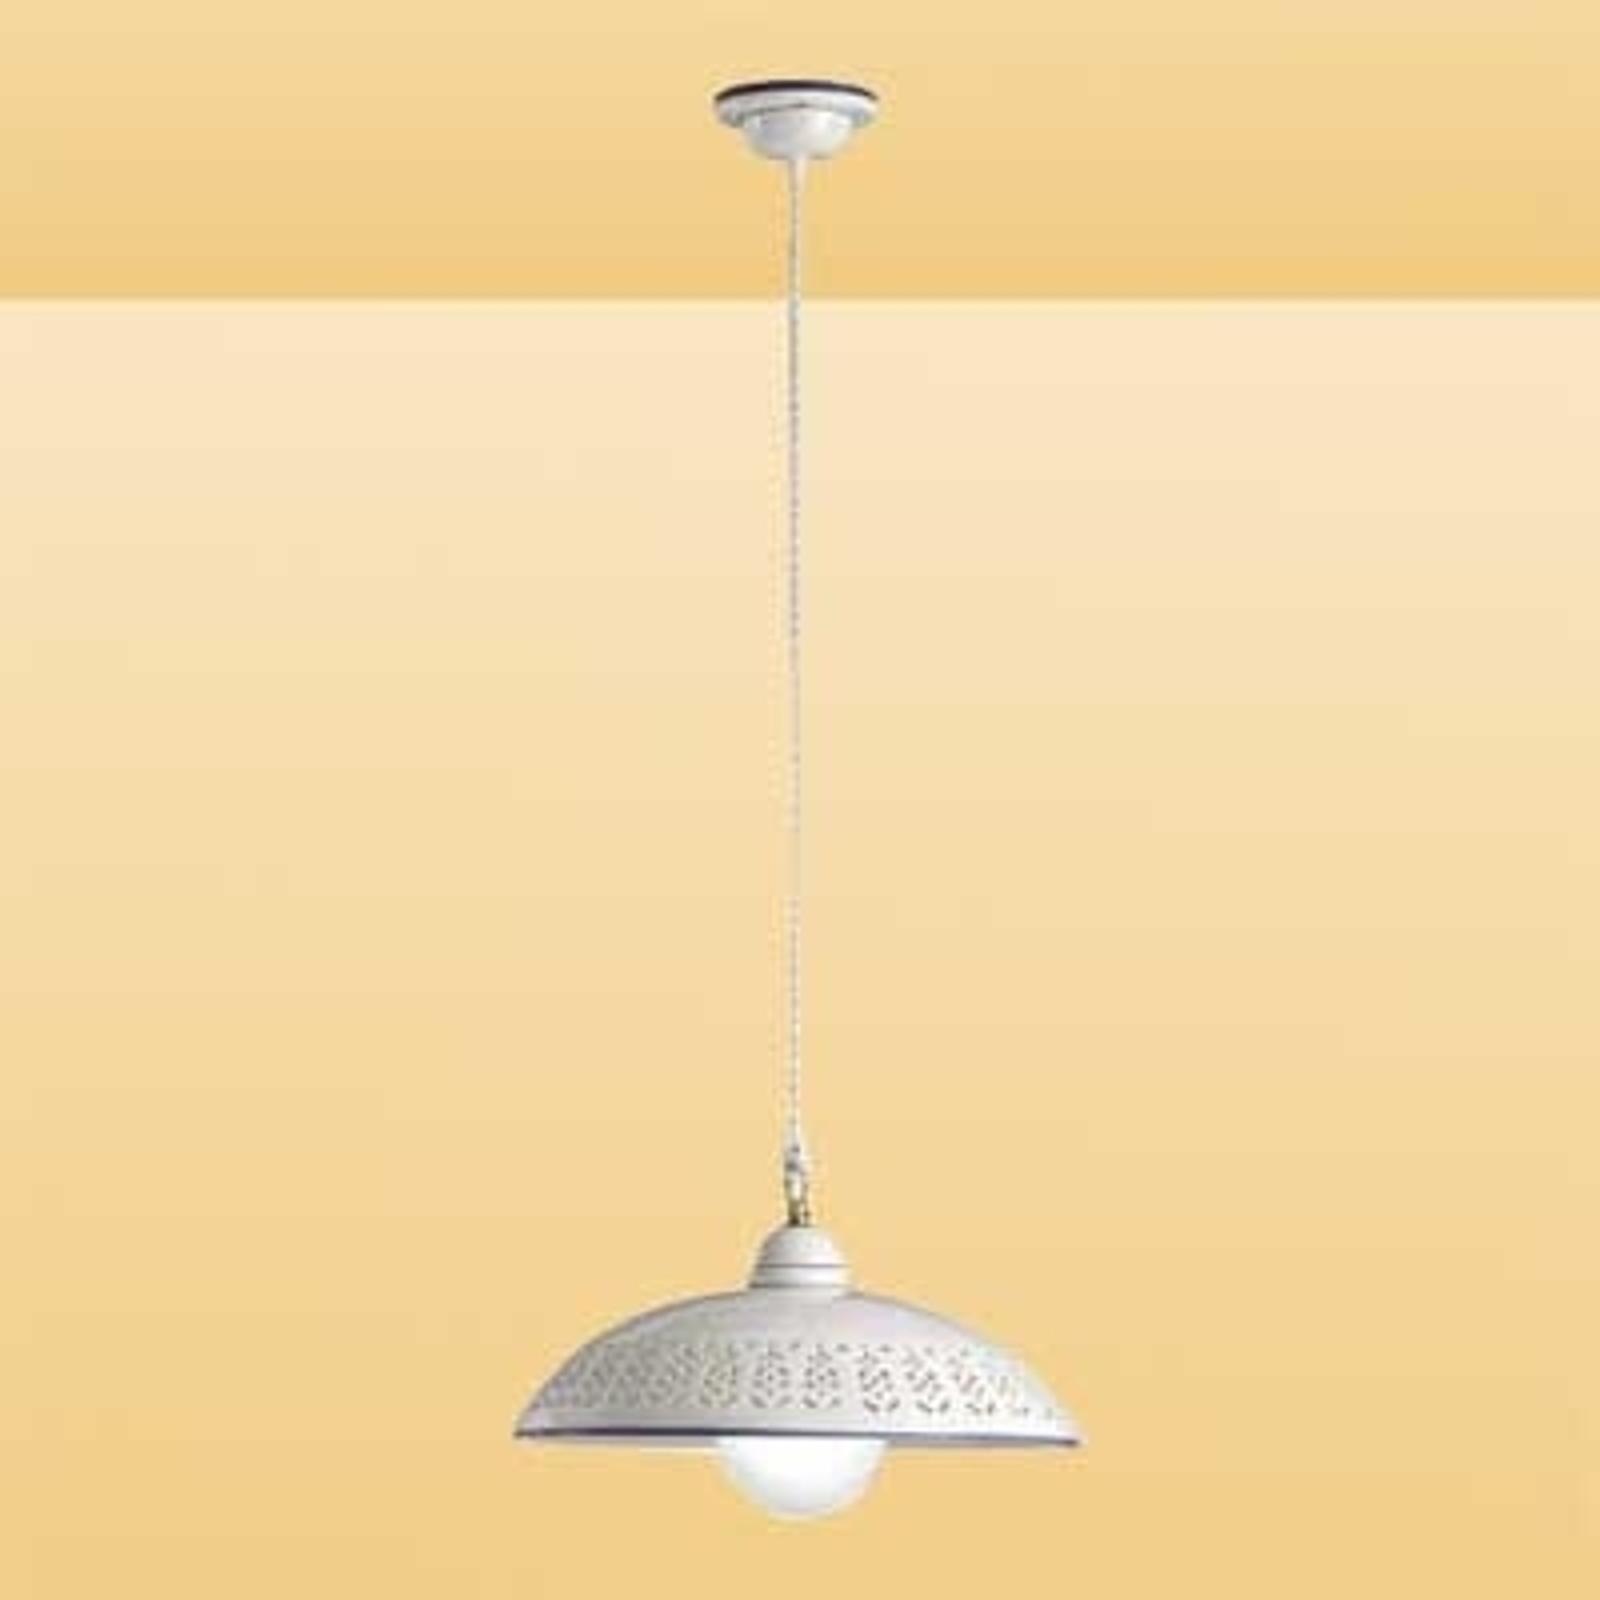 Lampada a sospensione SFILATA di ceramica bianca